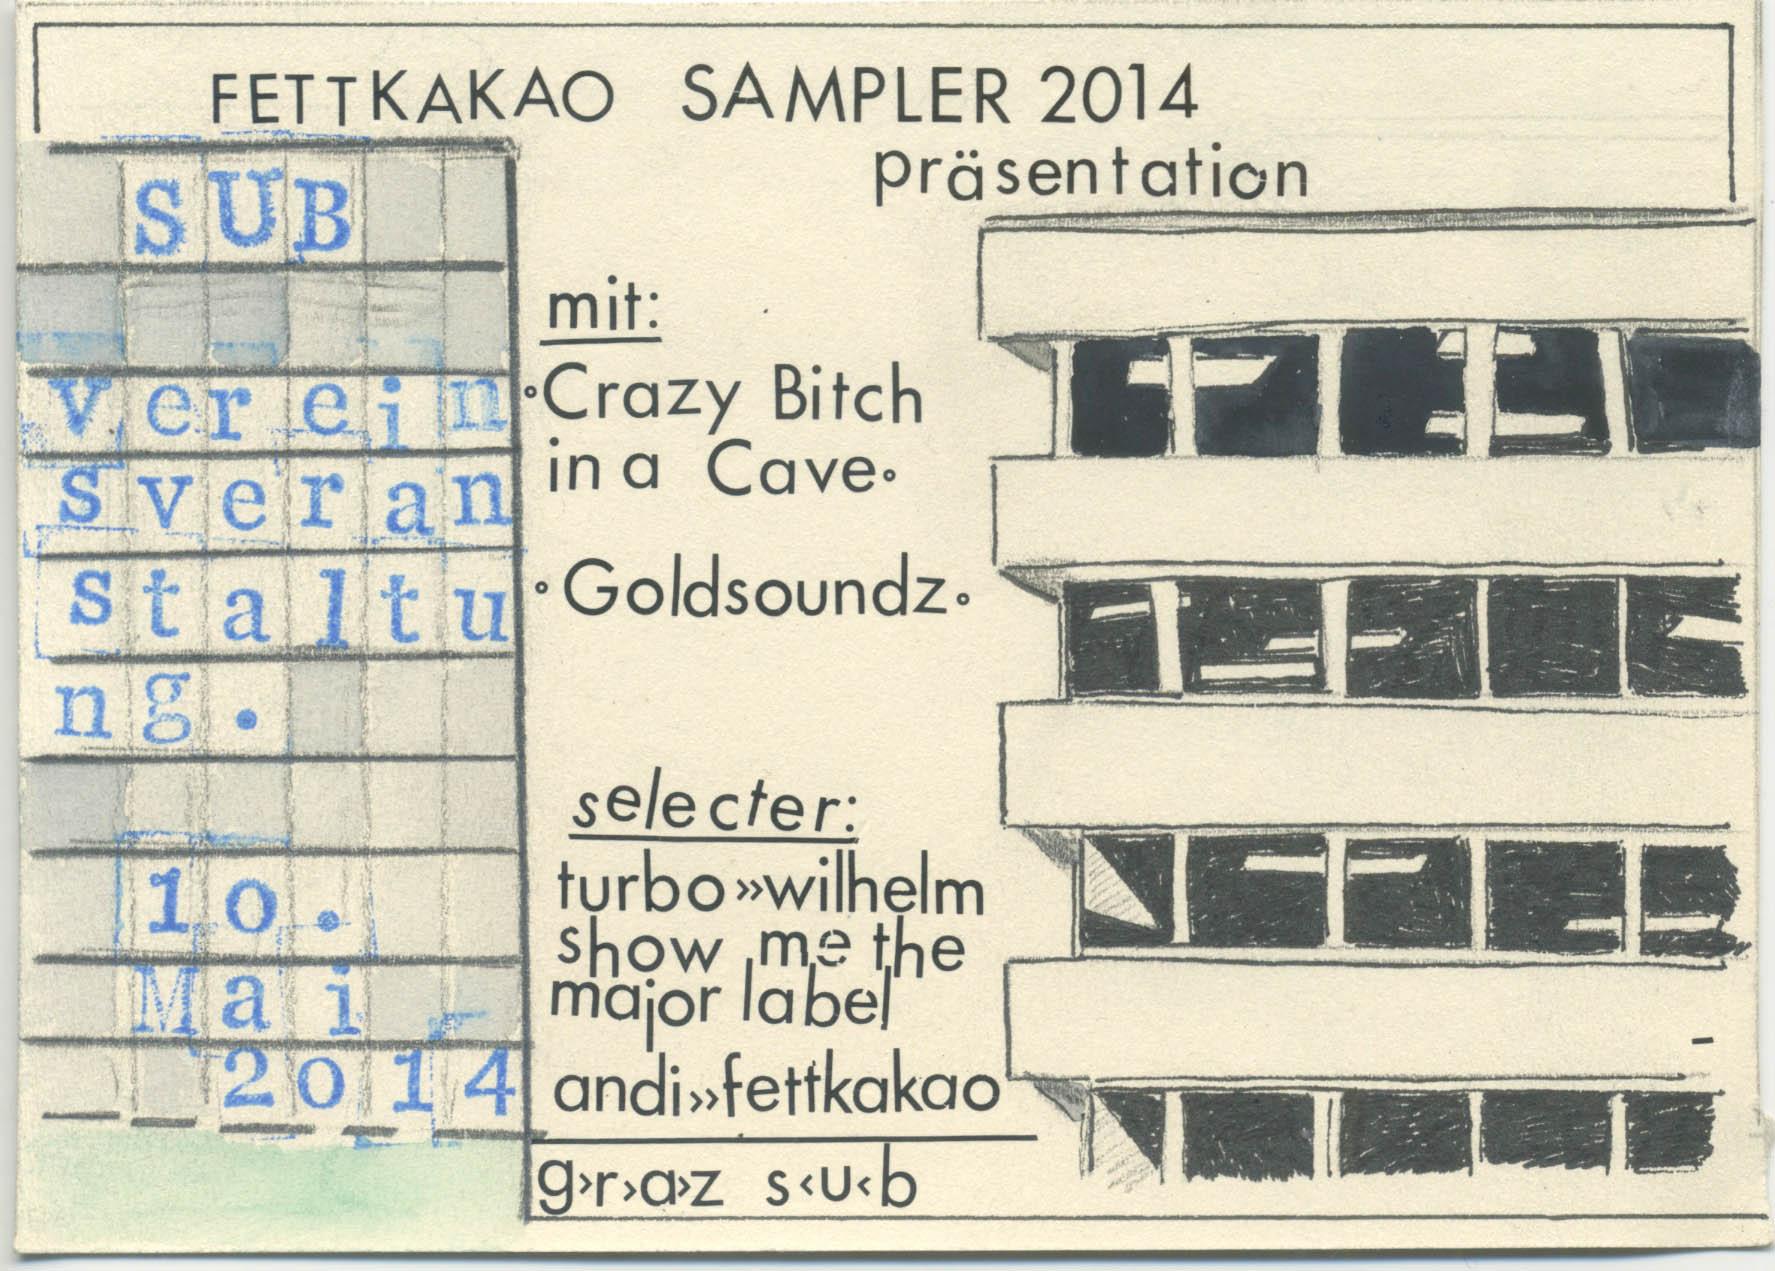 Fettkakao Sampler 2014 präsentation    Graz